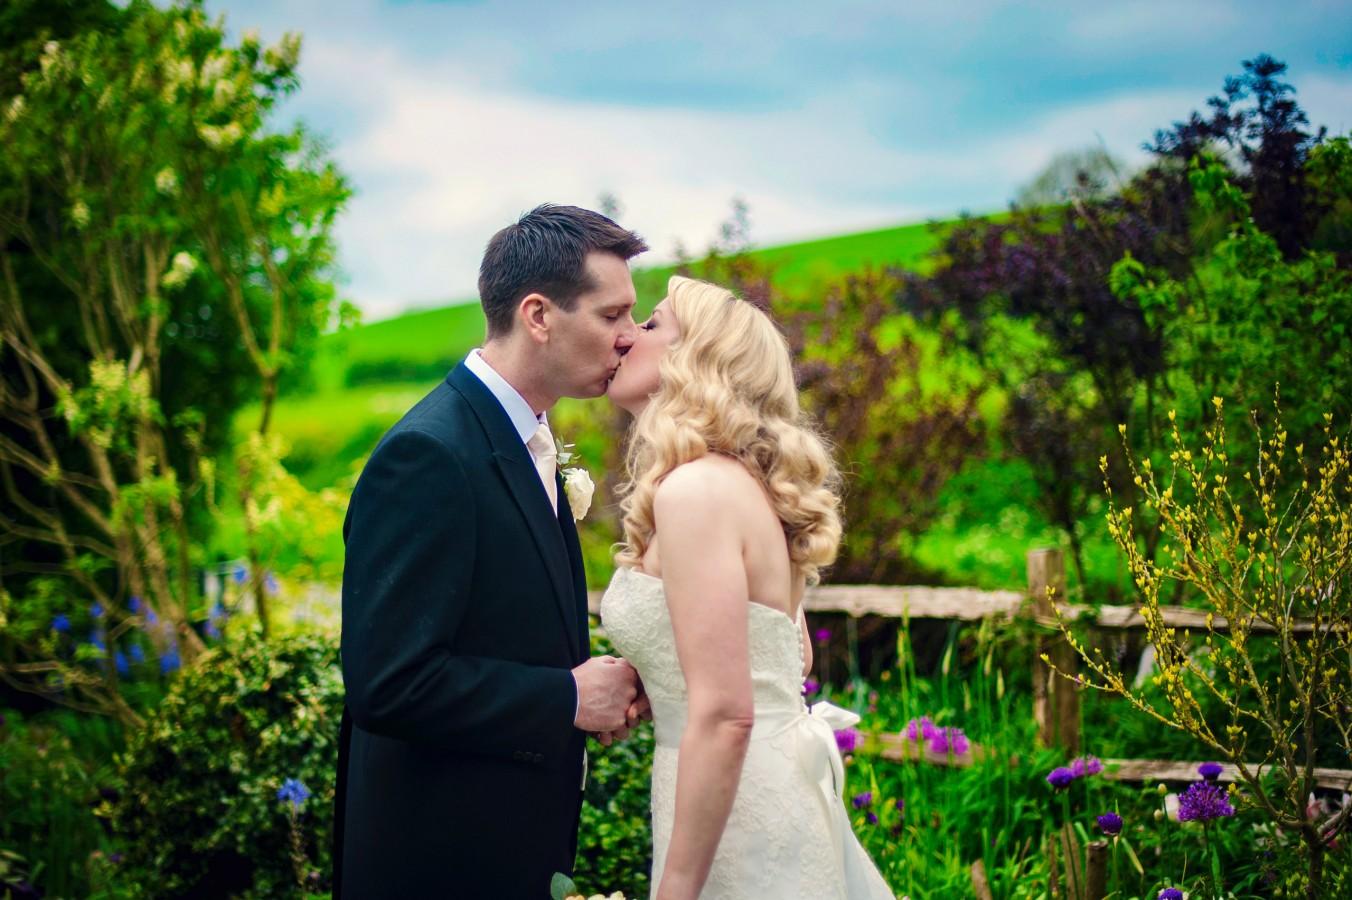 Hampshire Wedding Photographer - GK Photography-33